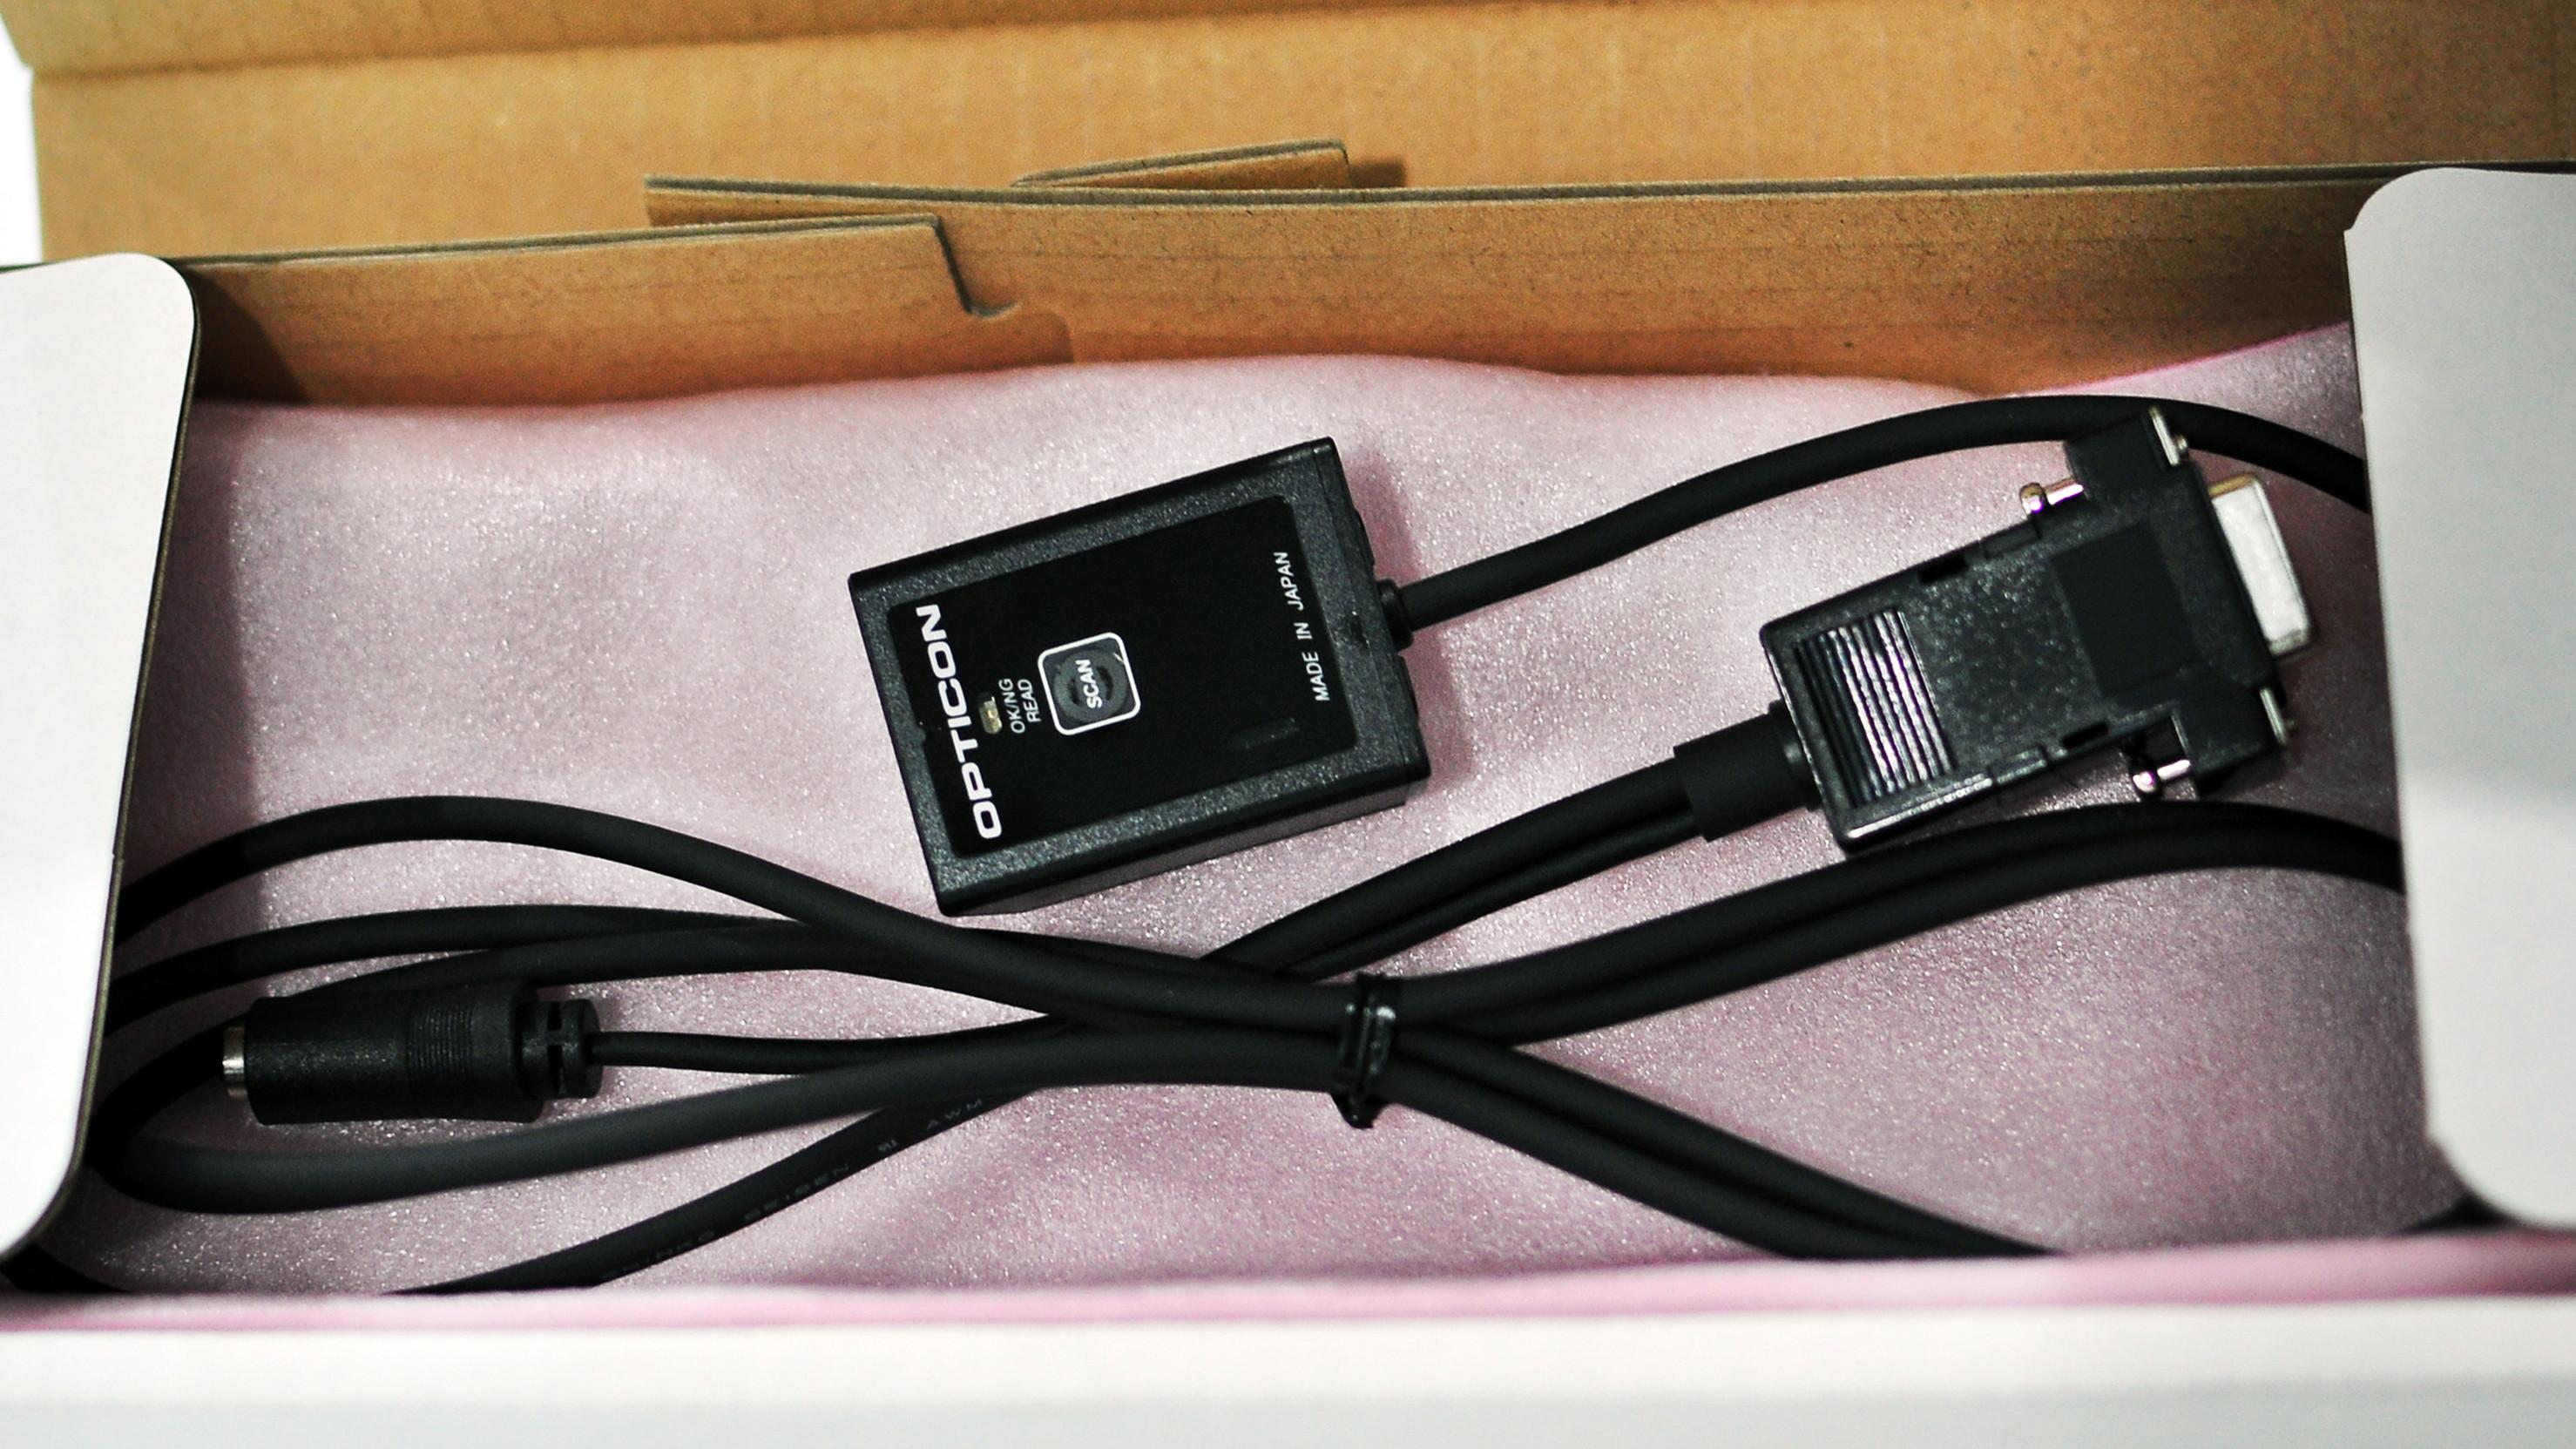 Máy quét mã vạch băng chuyền Opticon NLV-1001-USBHID (Hàng chính hãng)